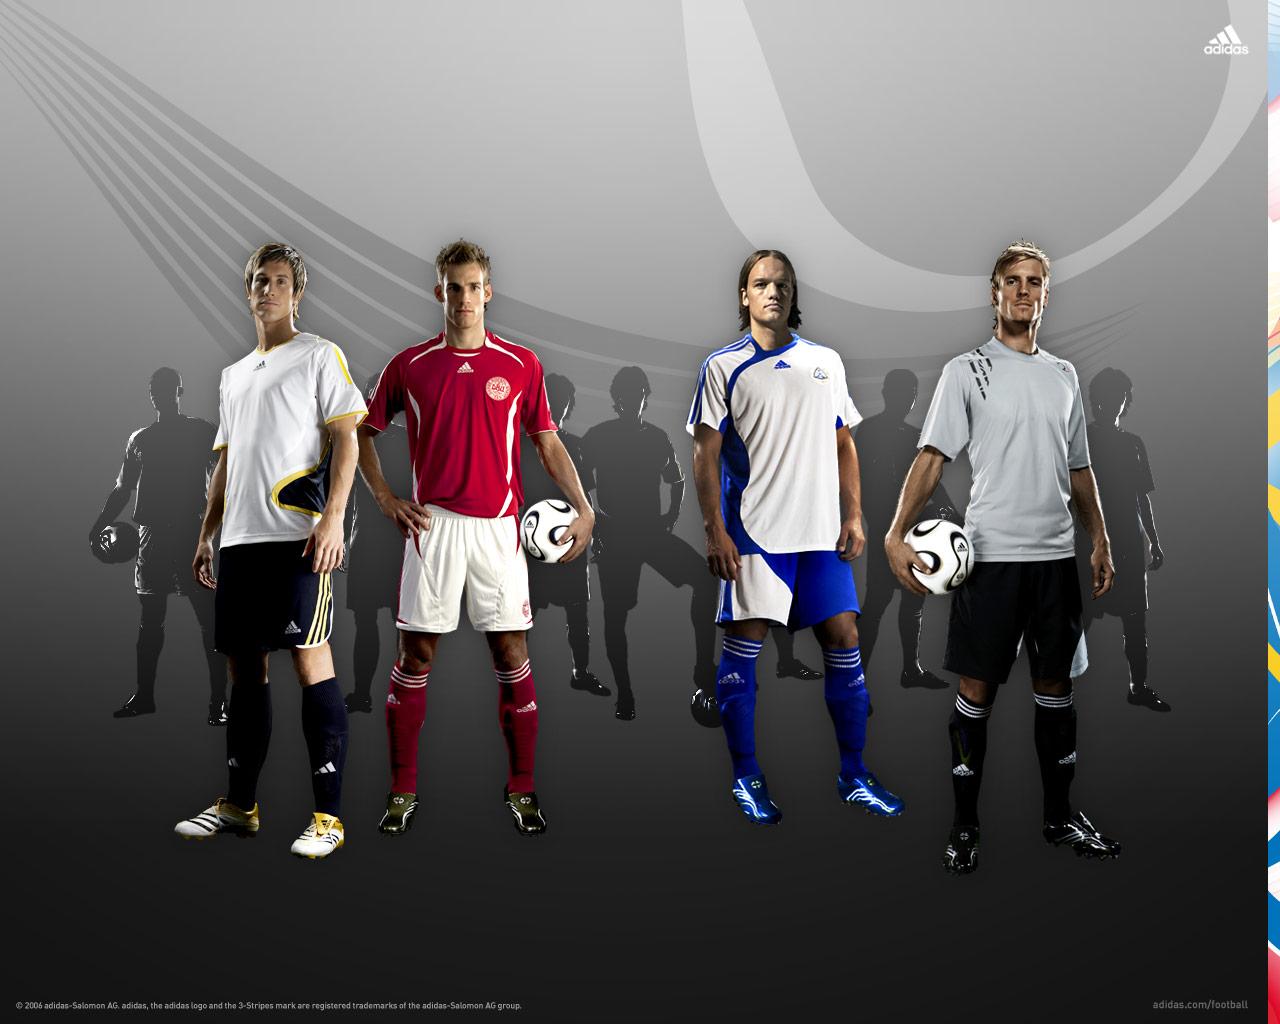 1024adidas阿迪达斯足球系列壁纸 壁纸64壁纸,adidas阿迪达斯壁纸